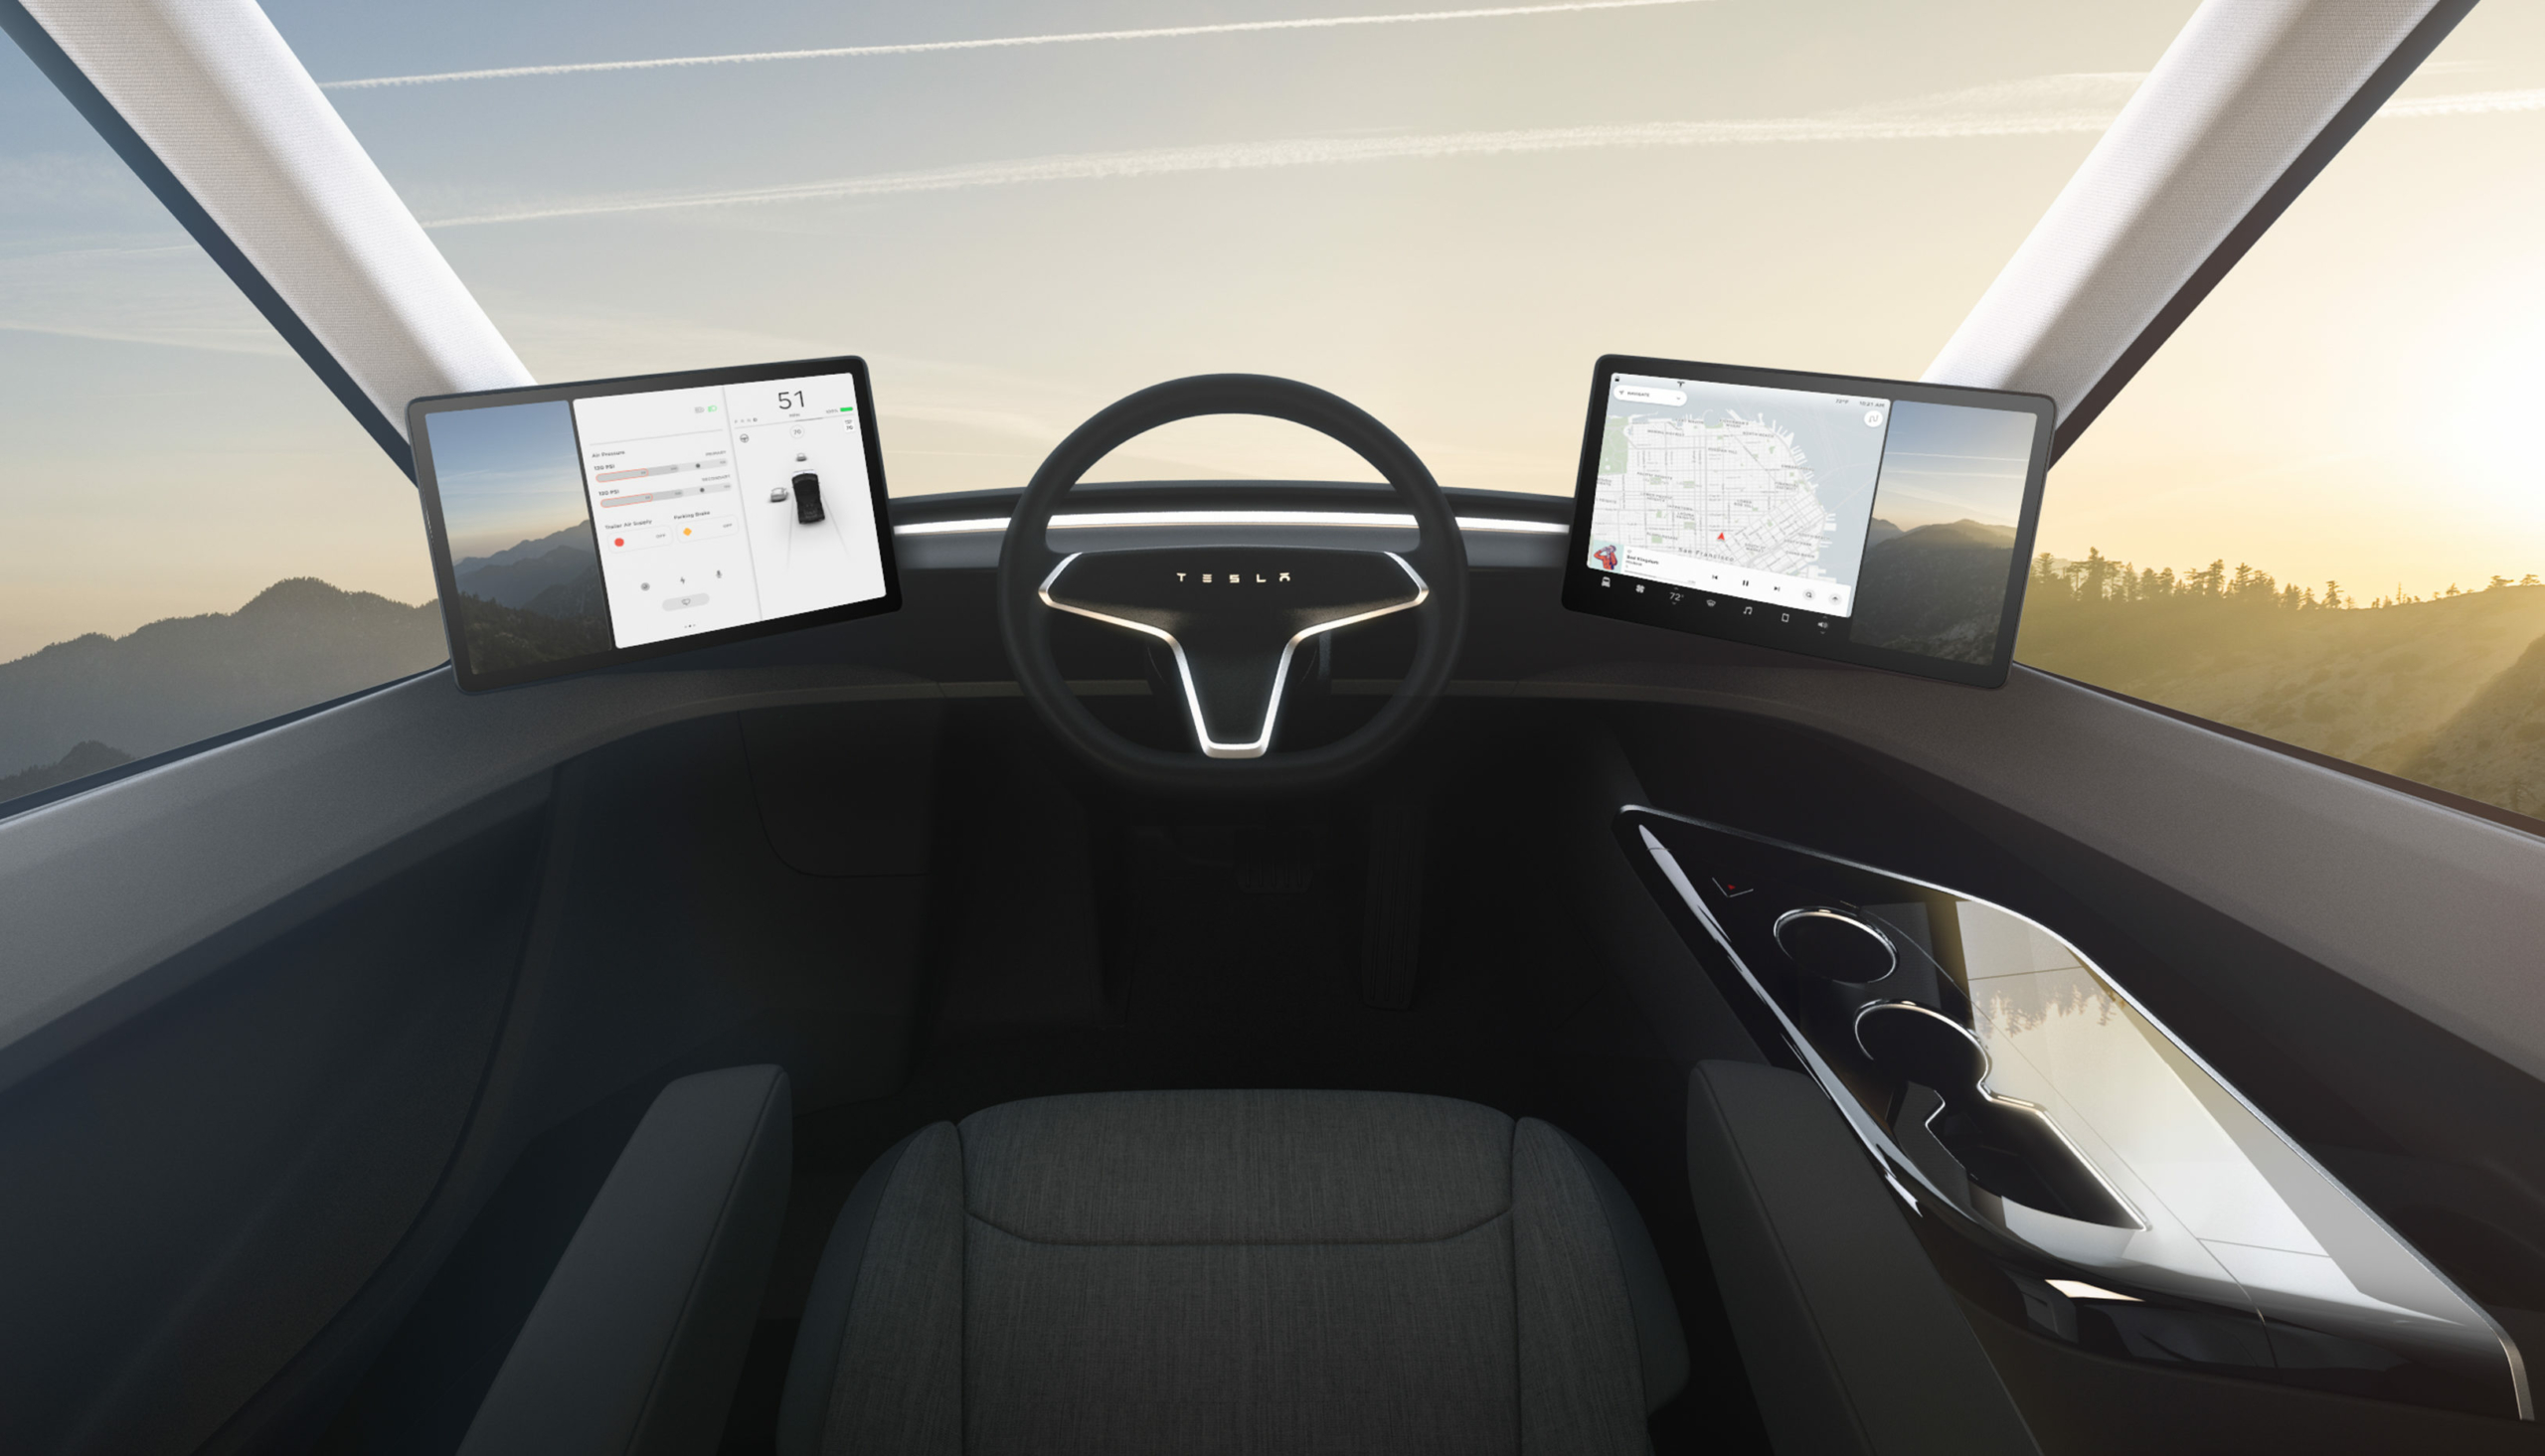 Тягачи Tesla Semi испытают в качестве лесовозов